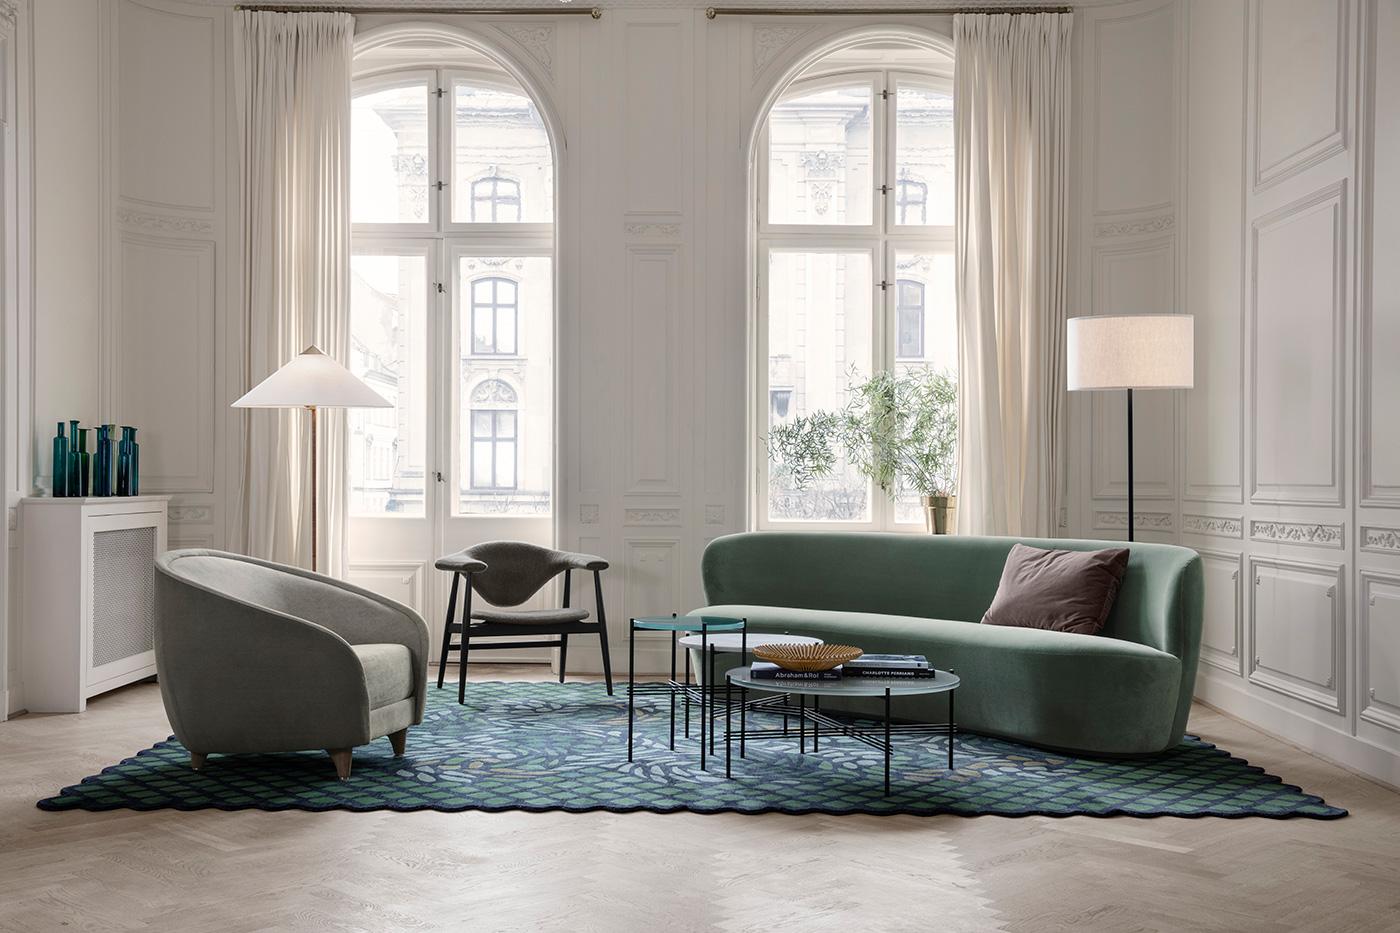 TinnappelMetz-gubi-Revers-Lounge-Chair_01